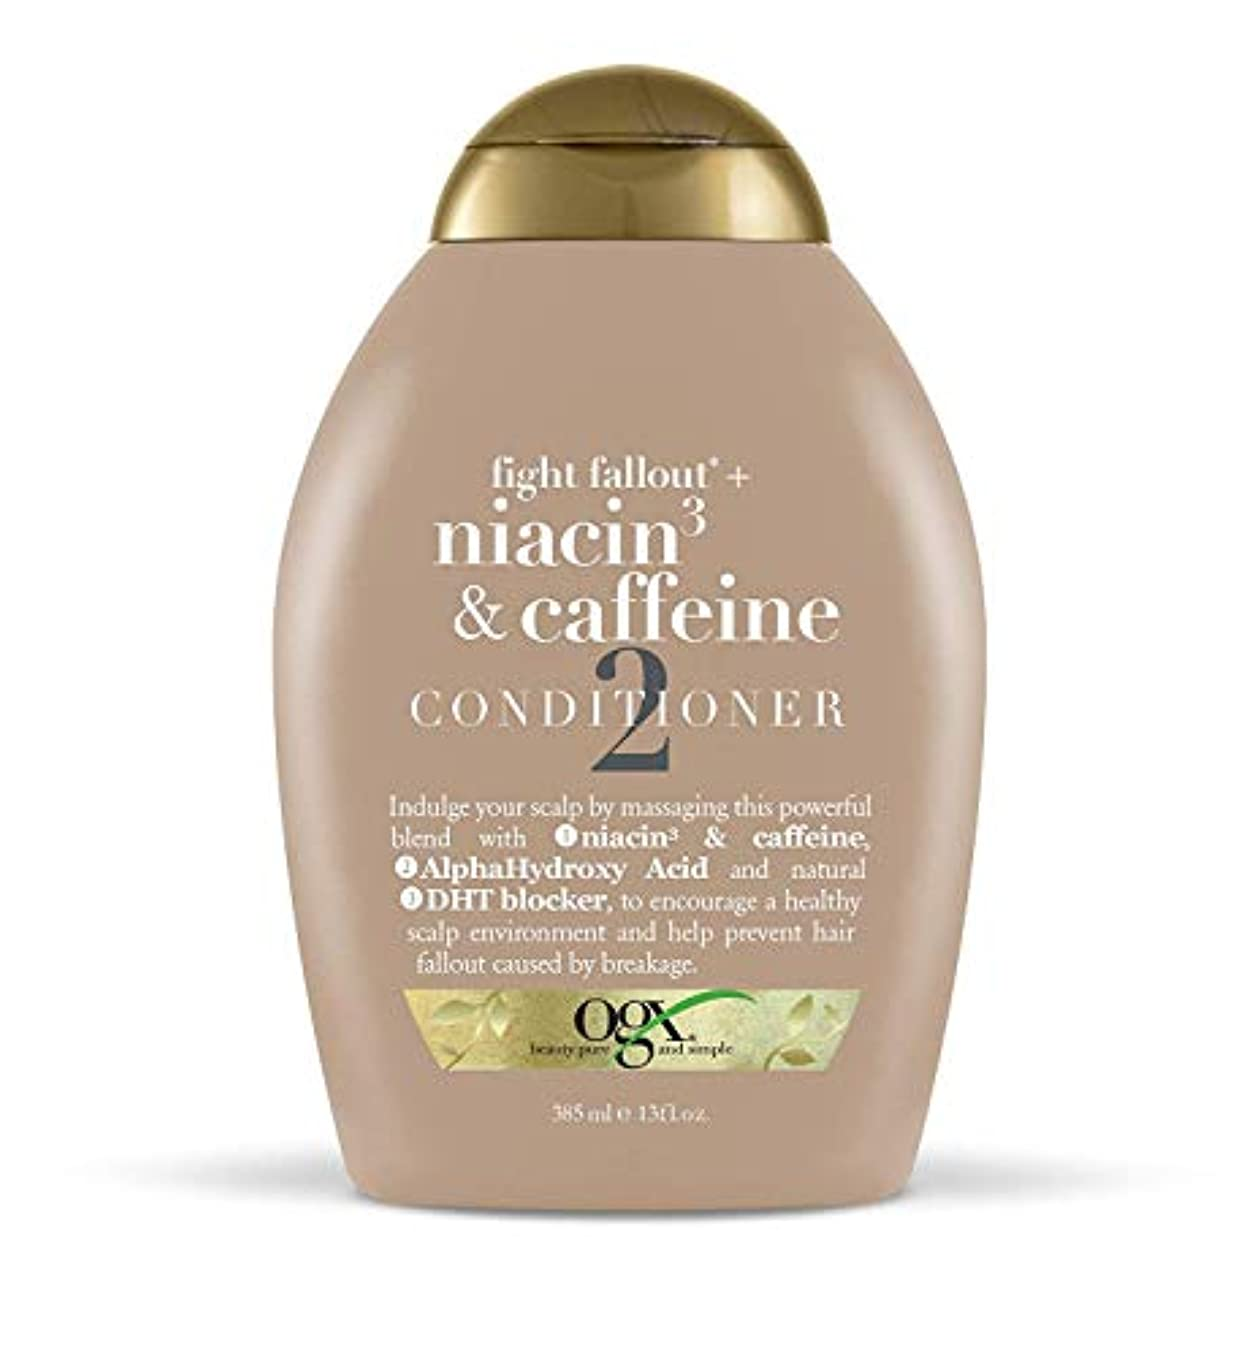 オデュッセウスディスカウント脅迫OGX Conditioner Niacin 3 & Caffeine 13oz コンディショナー ナイアシン 3 & カフェイン 385 ml [並行輸入品]